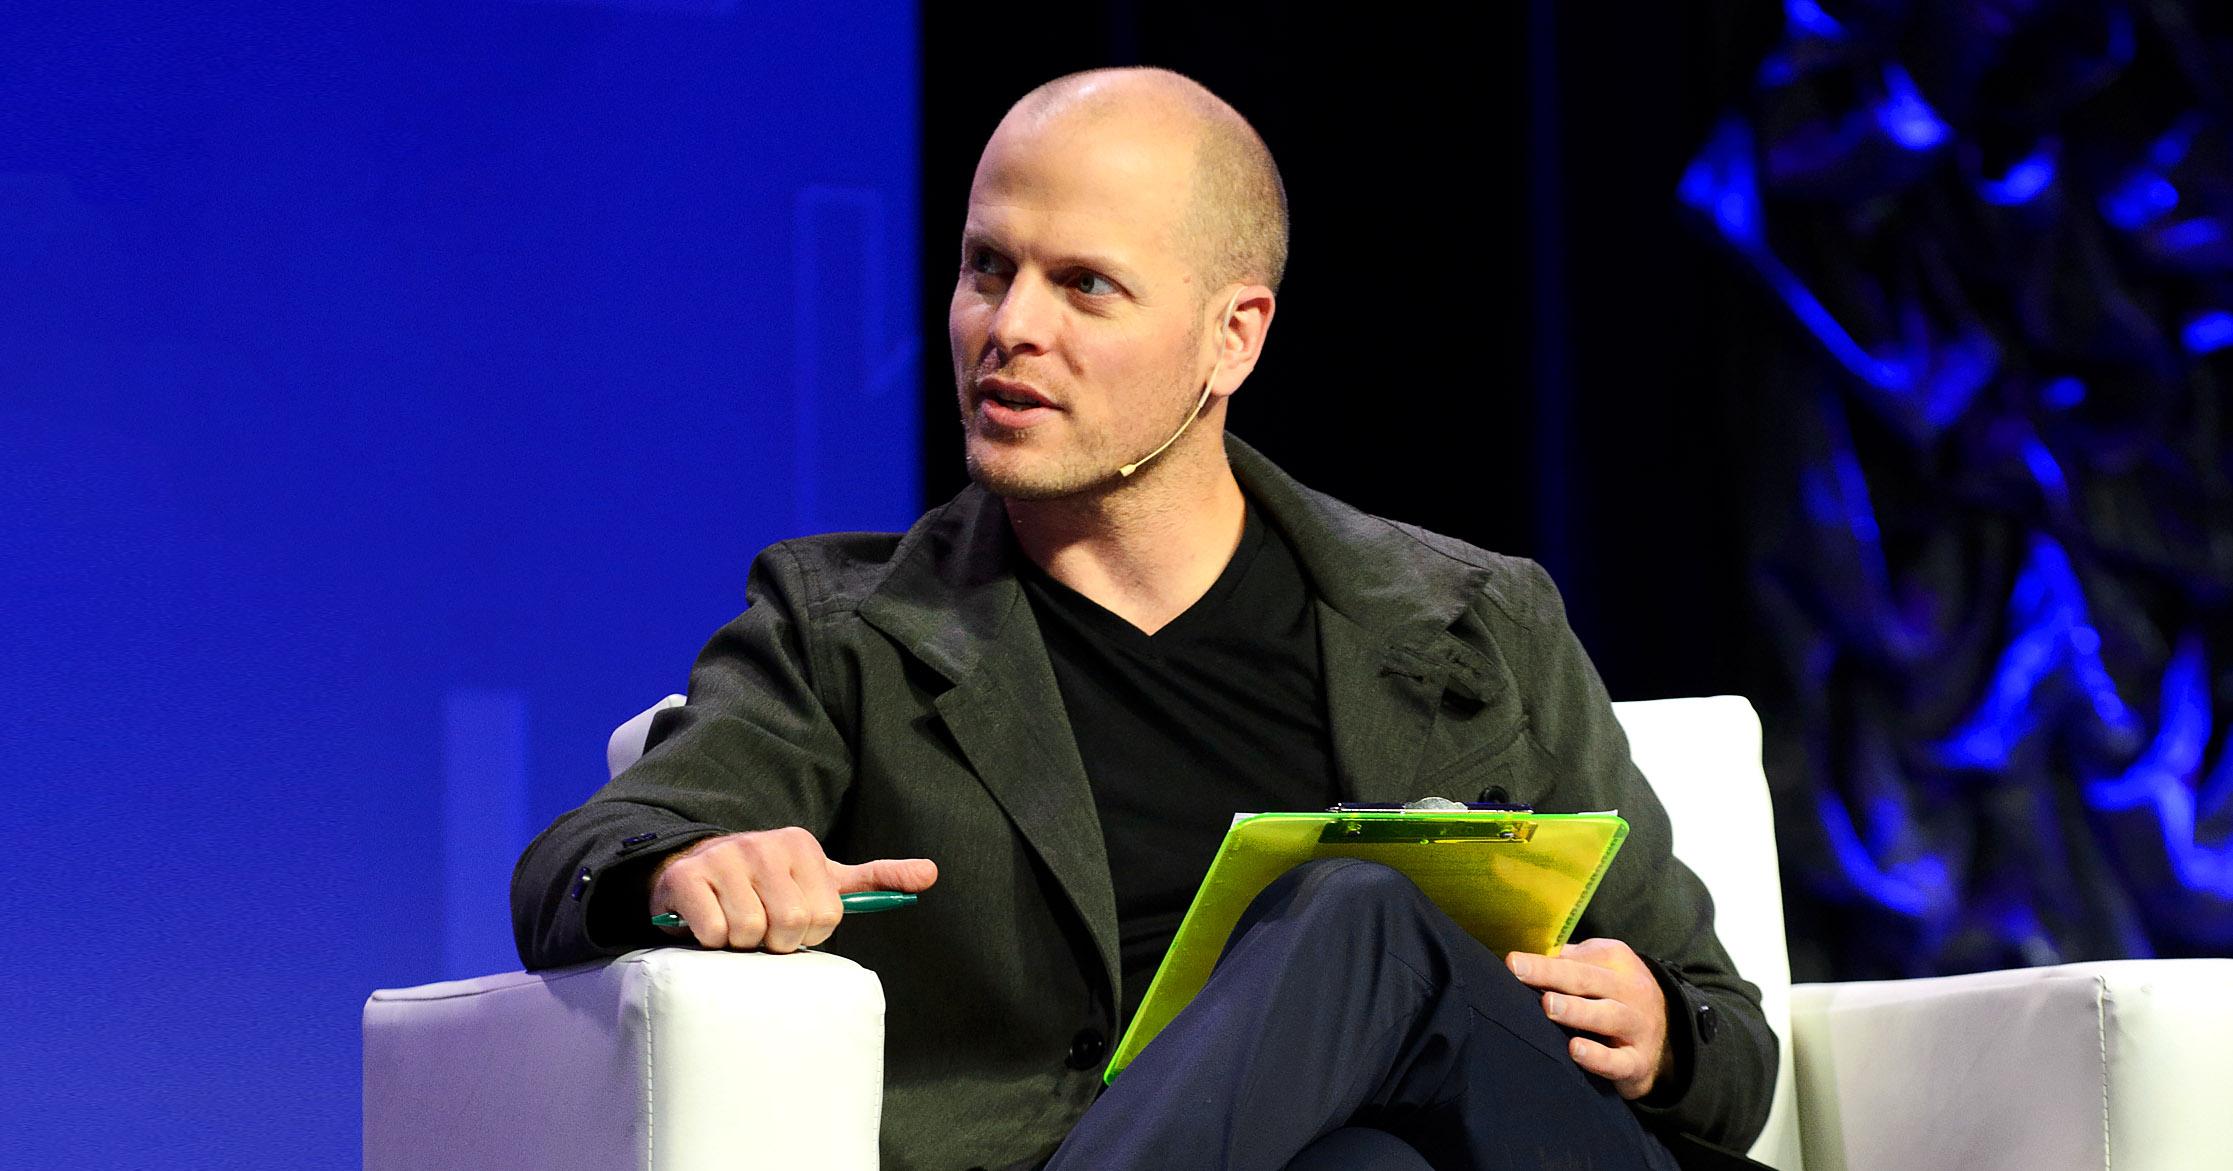 Секреты самостоятельной мотивации от самого популярного спикера TED Talk: как победить страхи и оценить бездействие